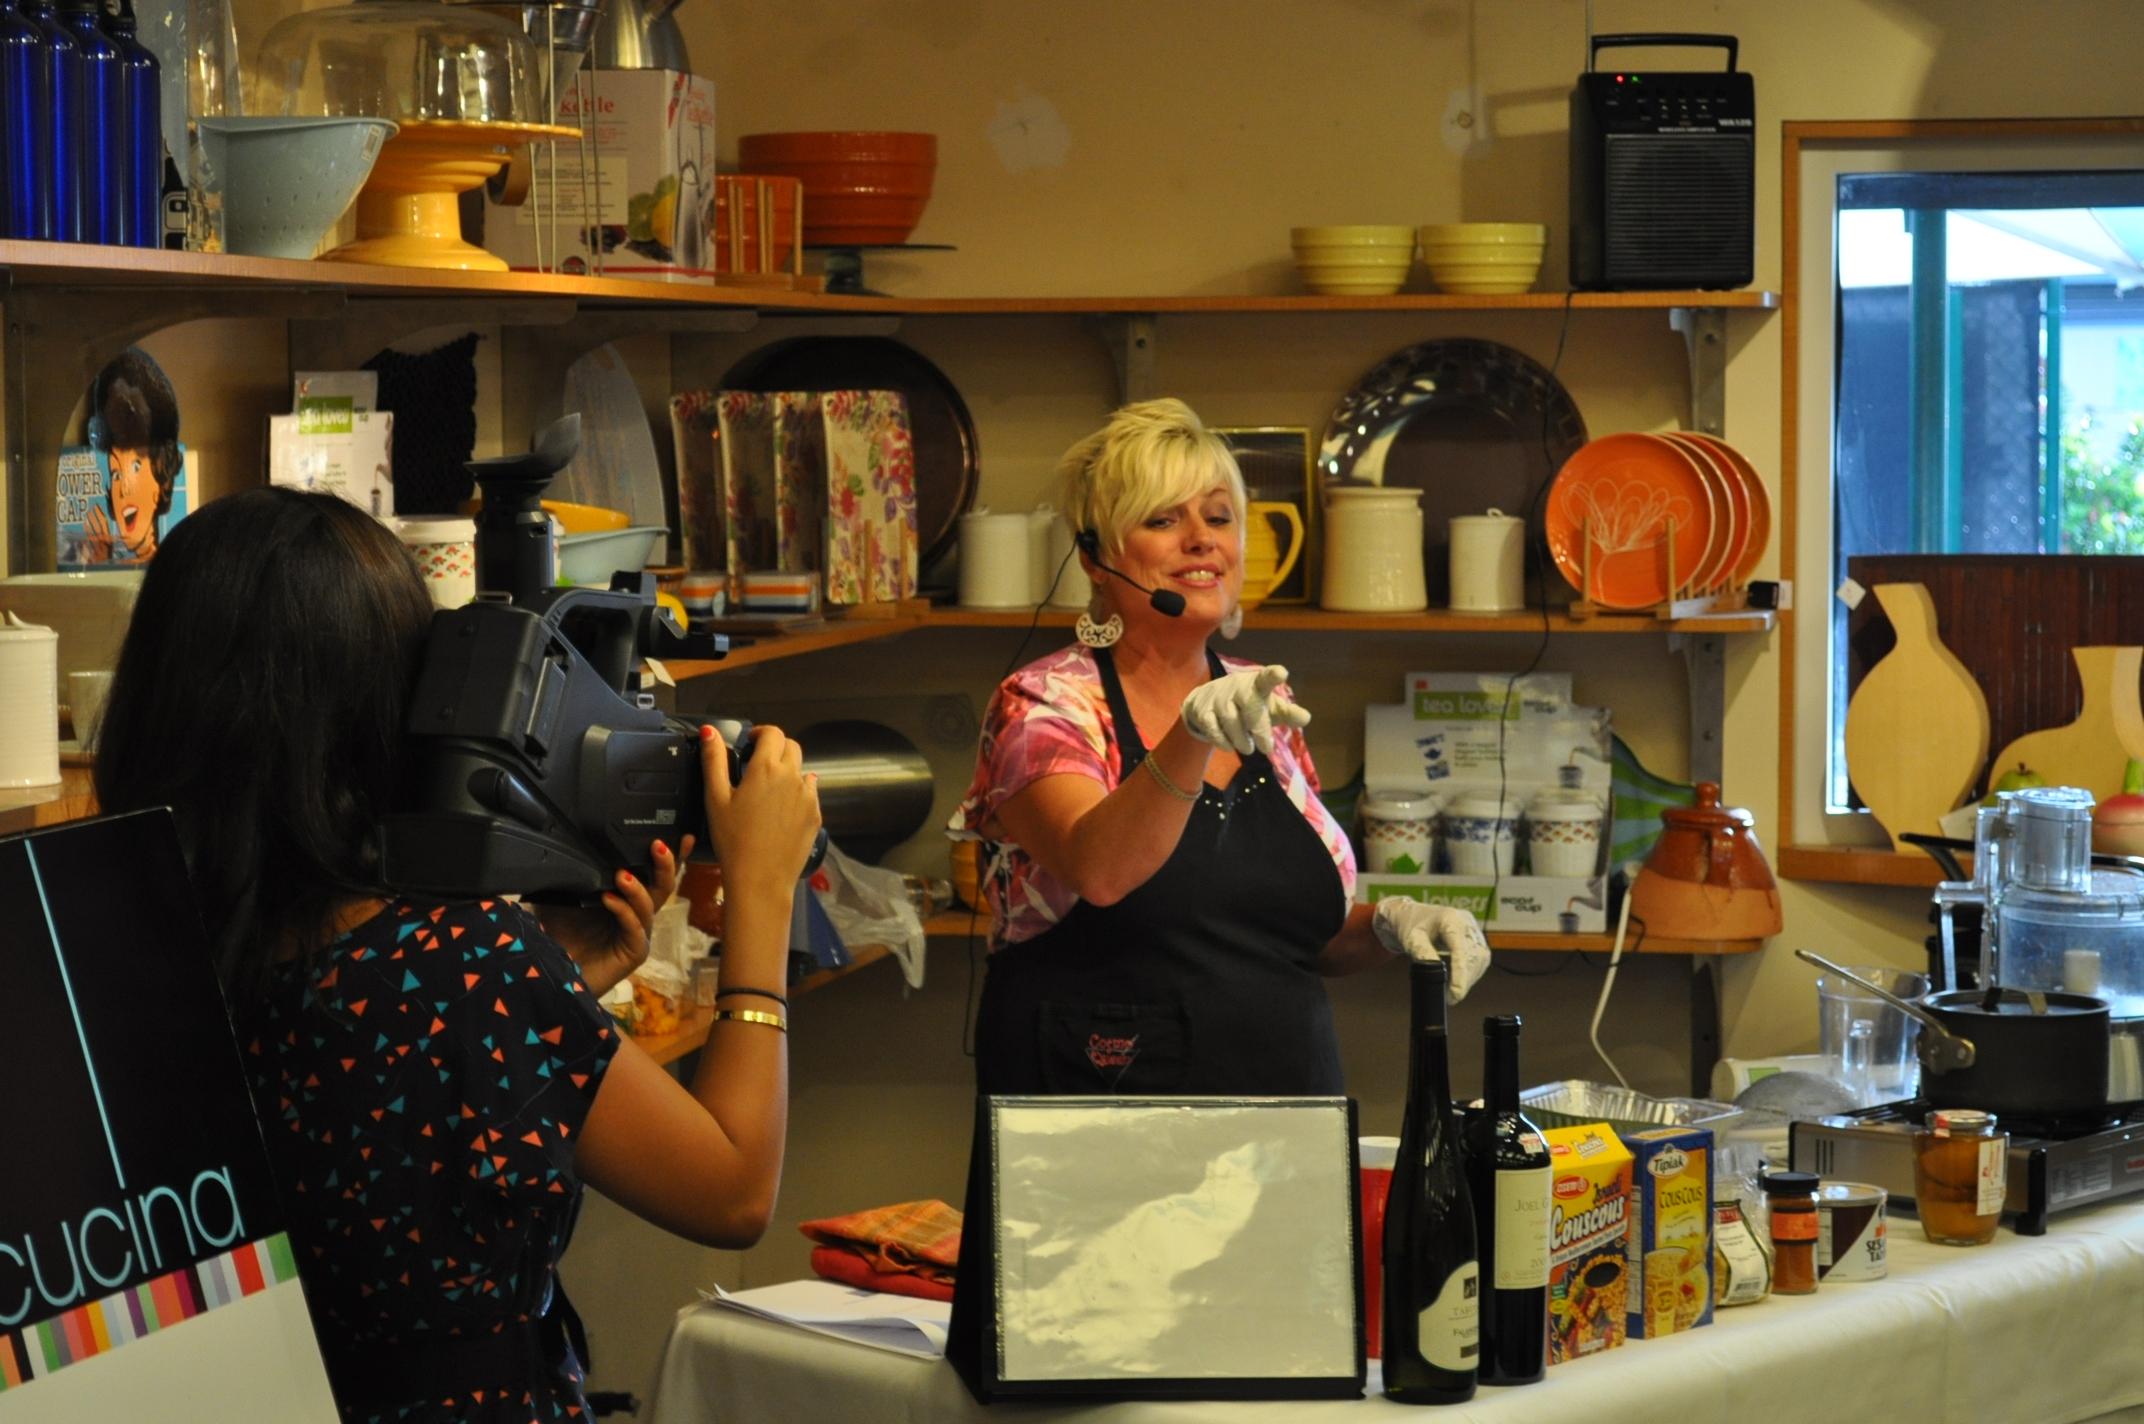 La Diva being filmed for PBS/Channel WBBT2 Florida UVU